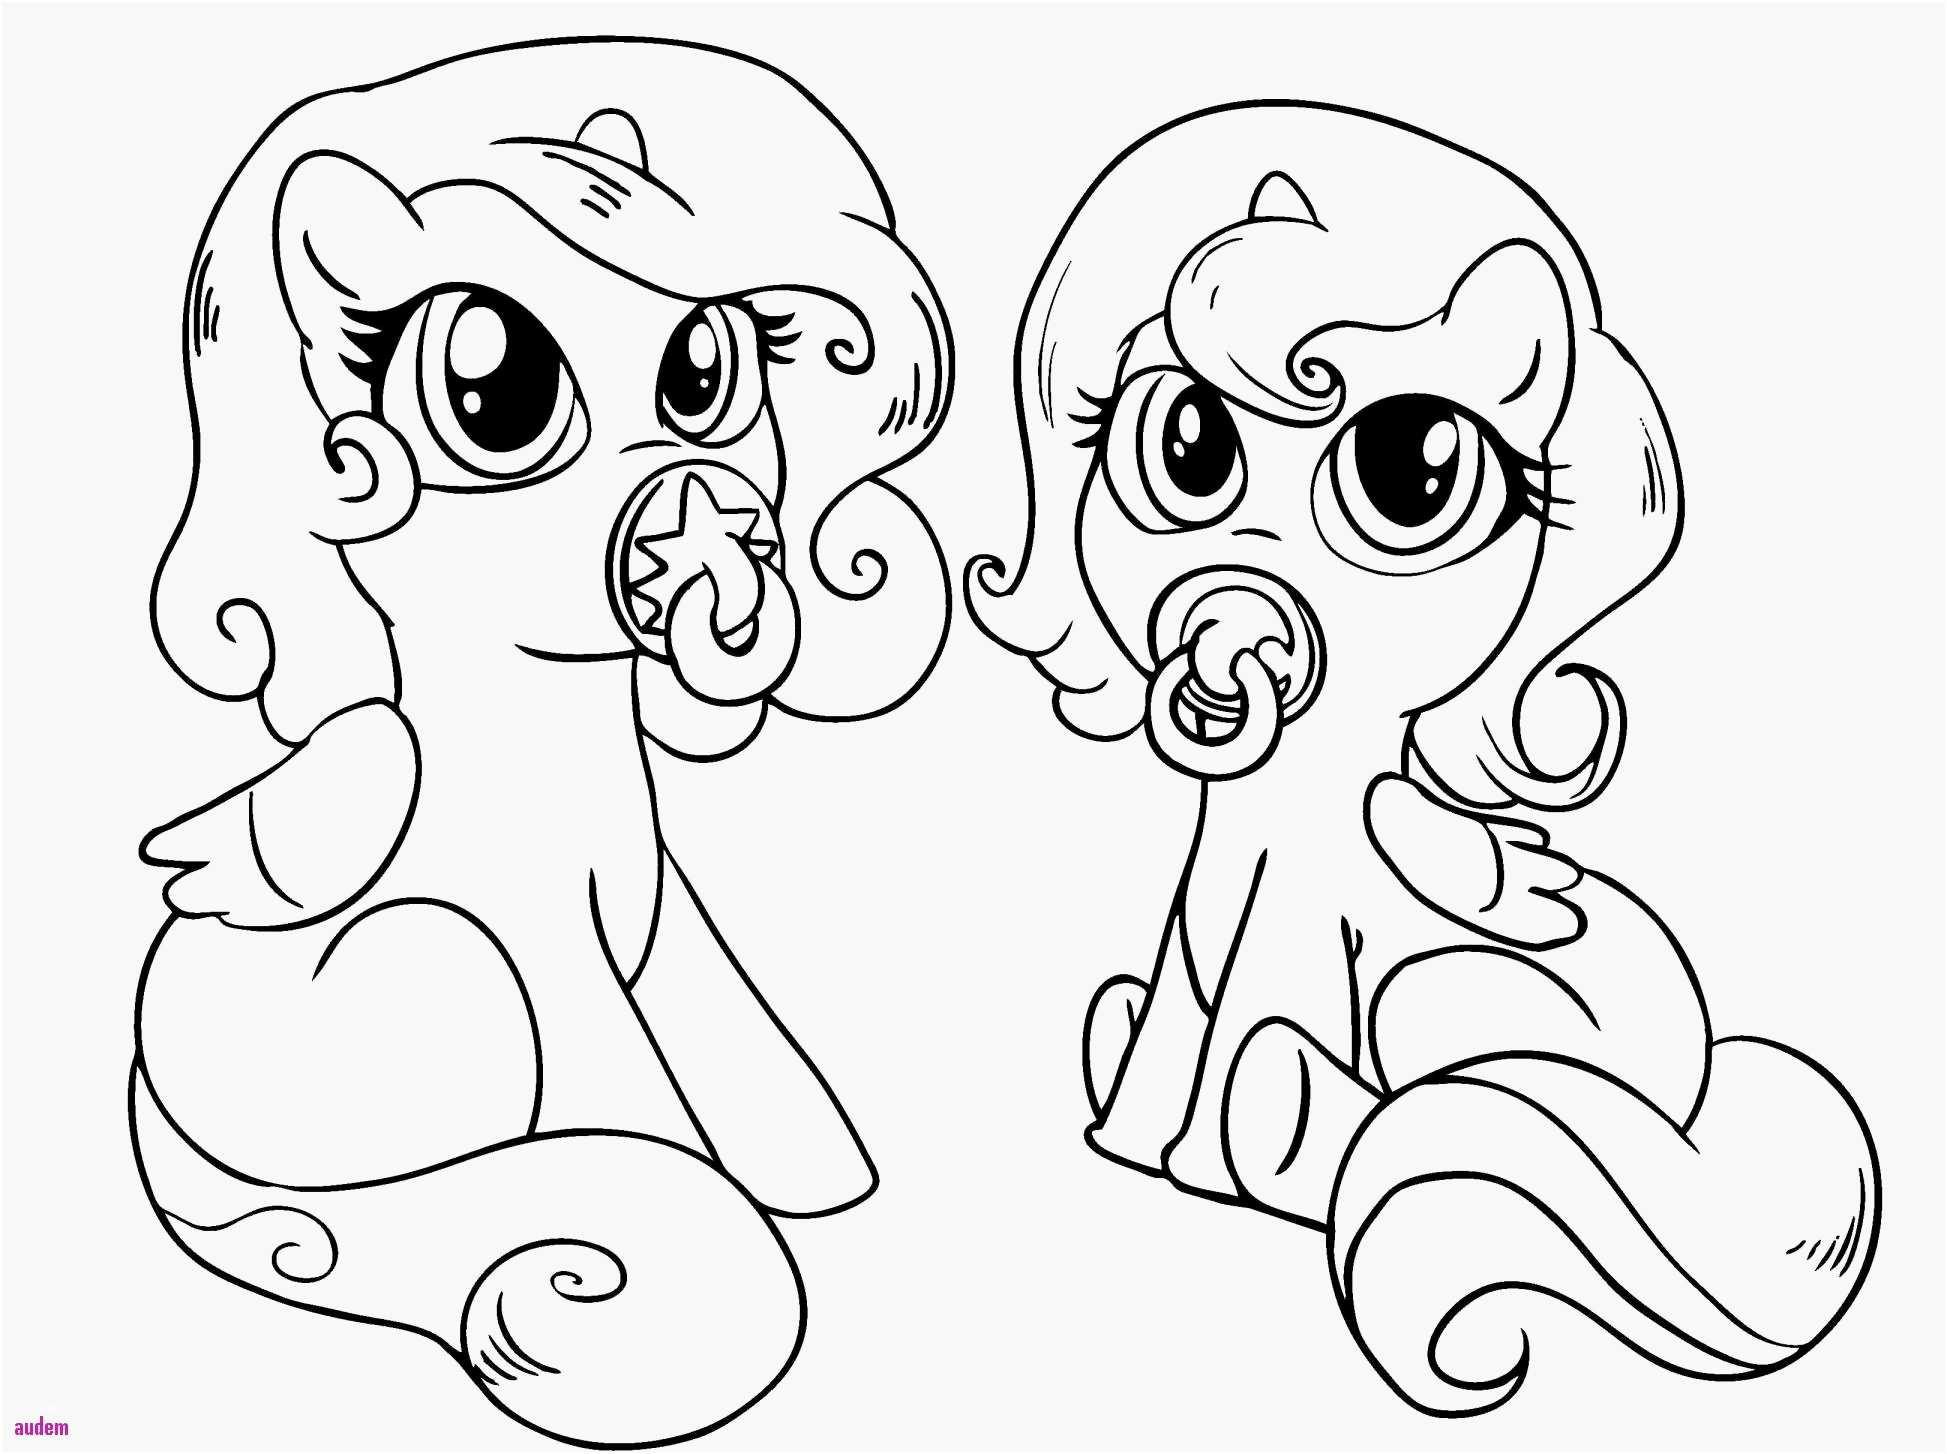 Ausmalbilder My Little Pony Equestria Inspirierend 40 Ausmalbilder Equestria Girls Scoredatscore Inspirierend Das Bild